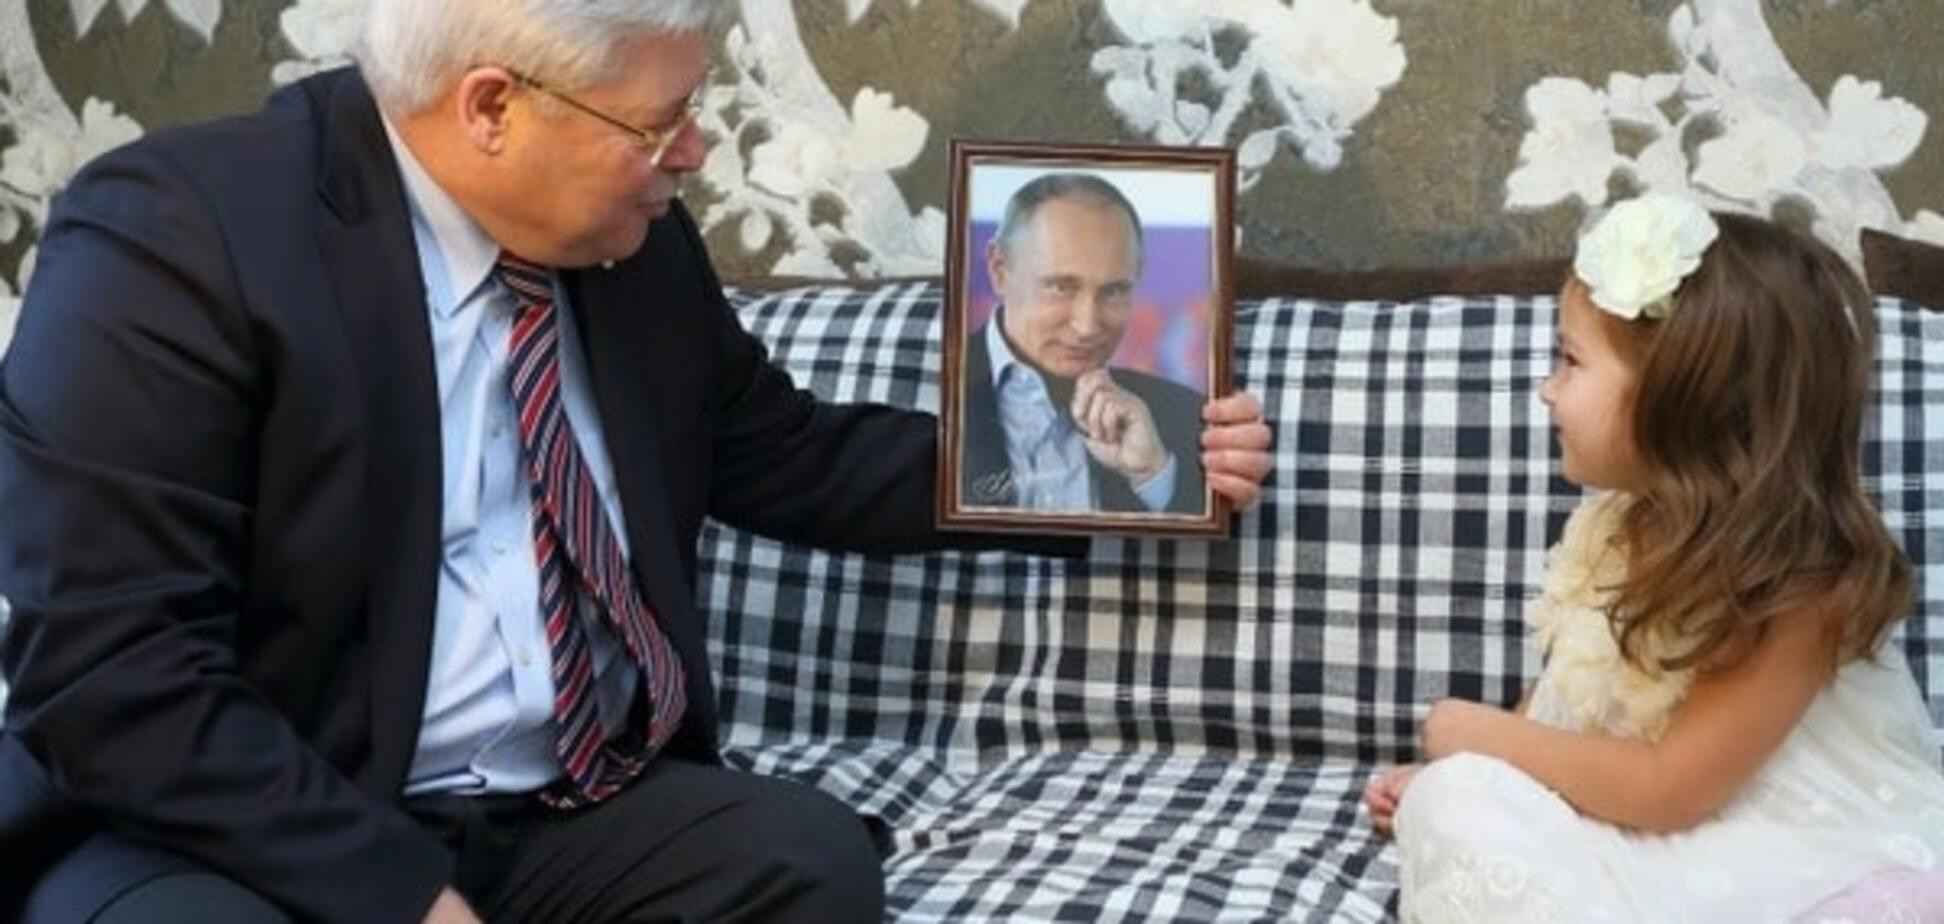 'Це криза!': Путін подарував 5-річній дівчинці своє фото замість ляльки